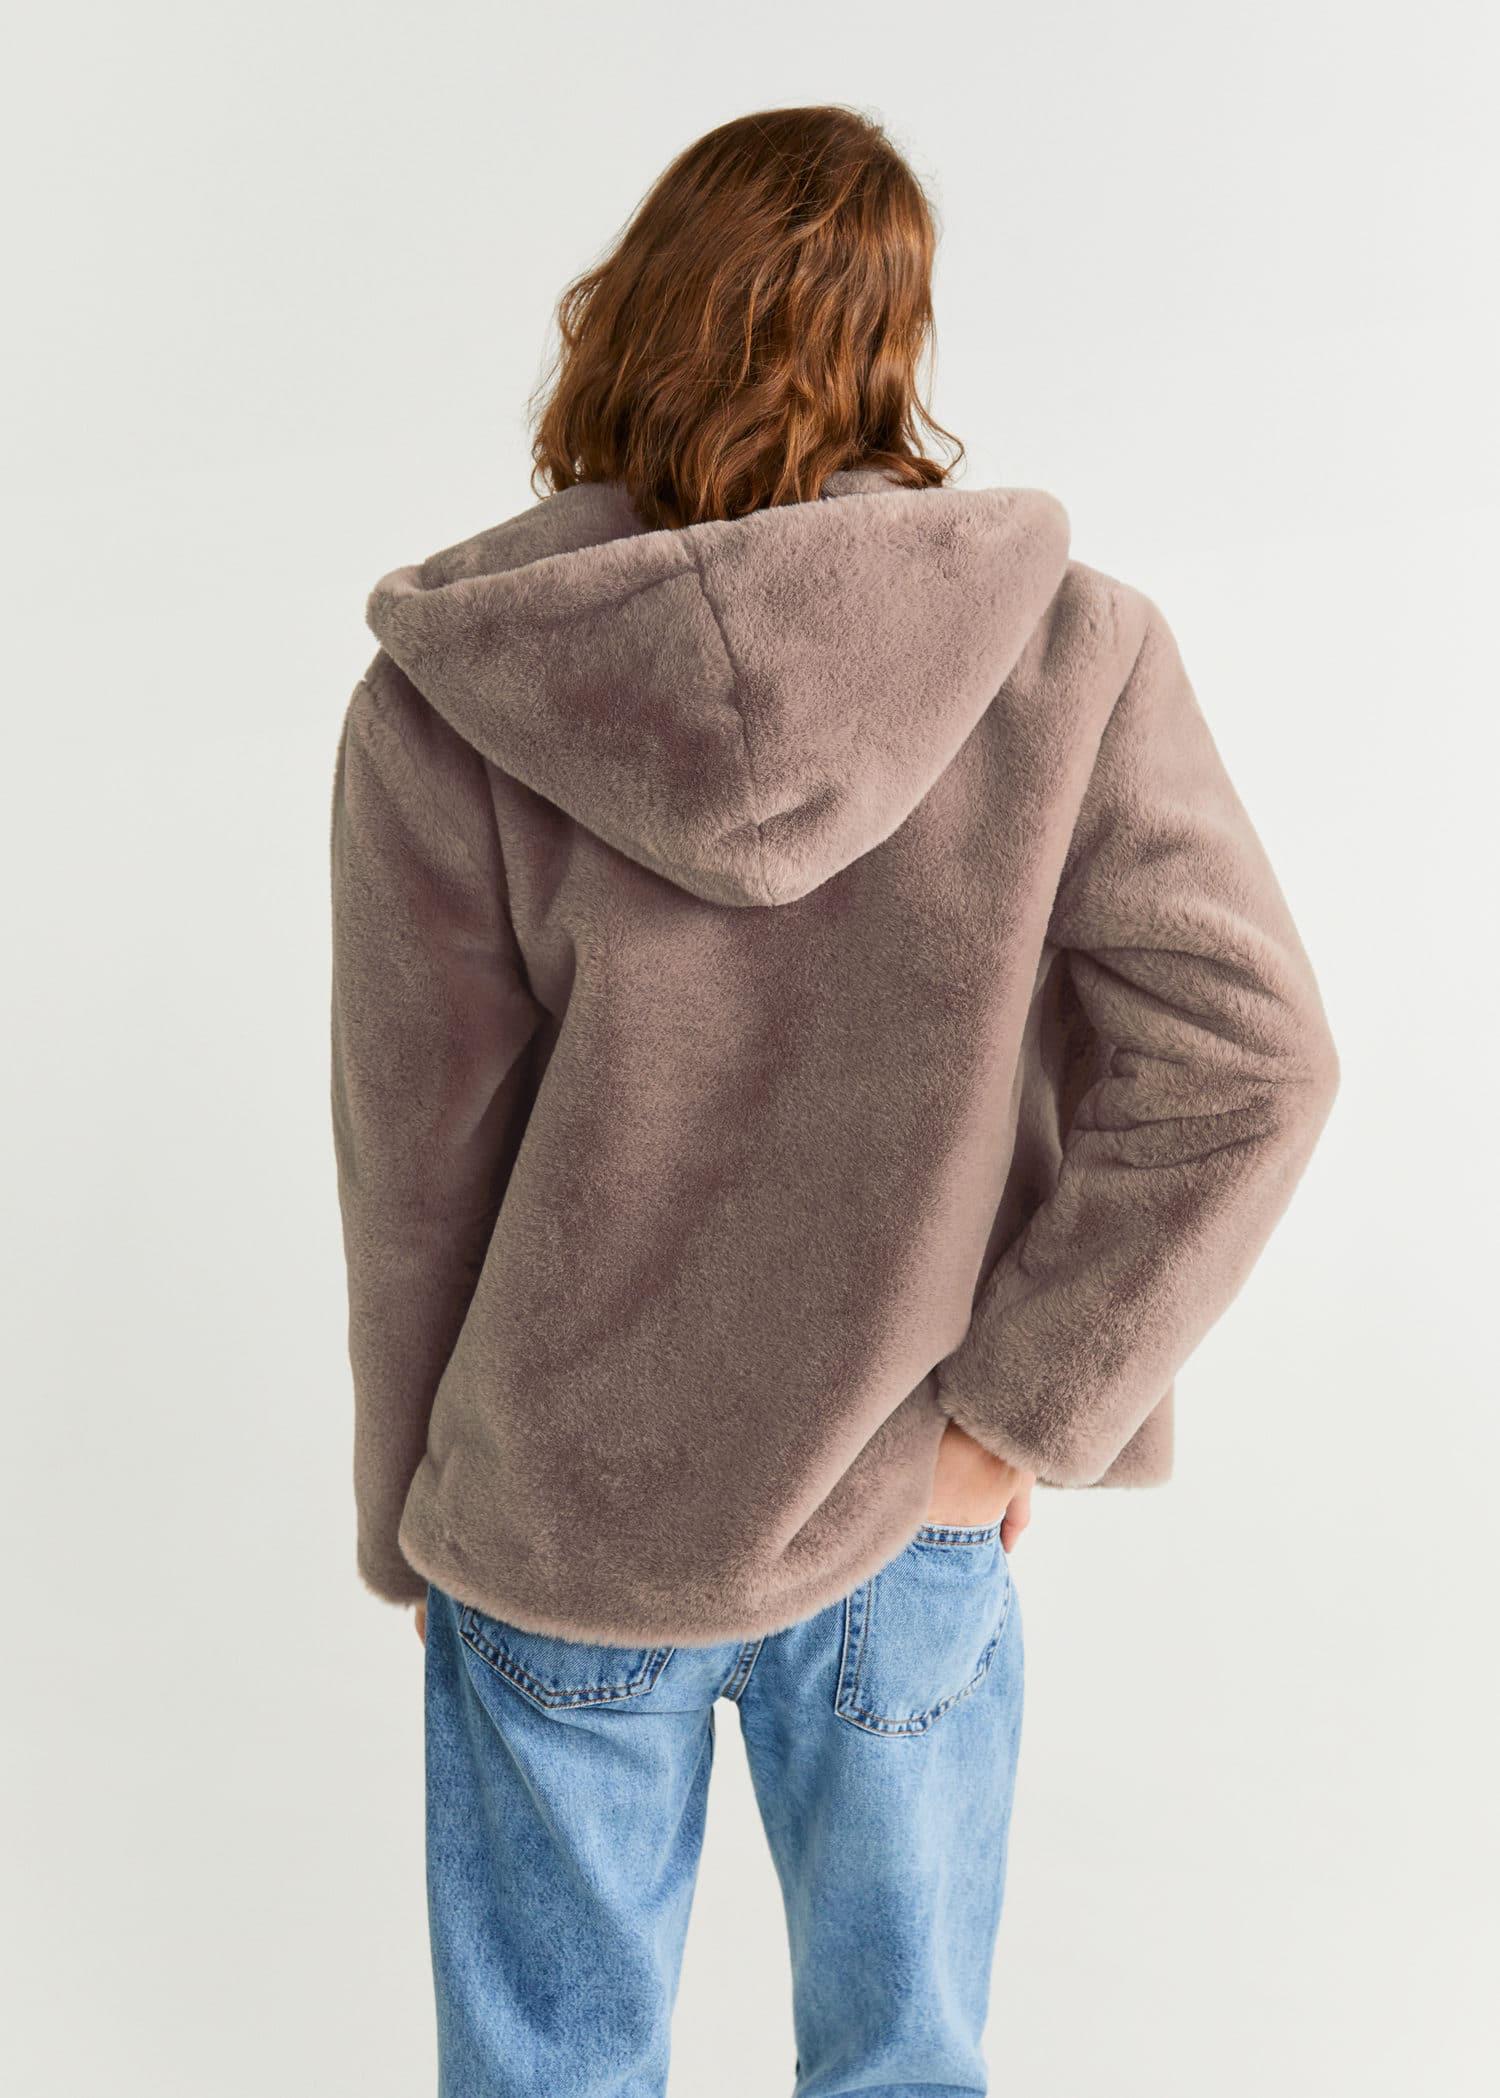 Jacken für Damen 2019 | Mango Deutschland